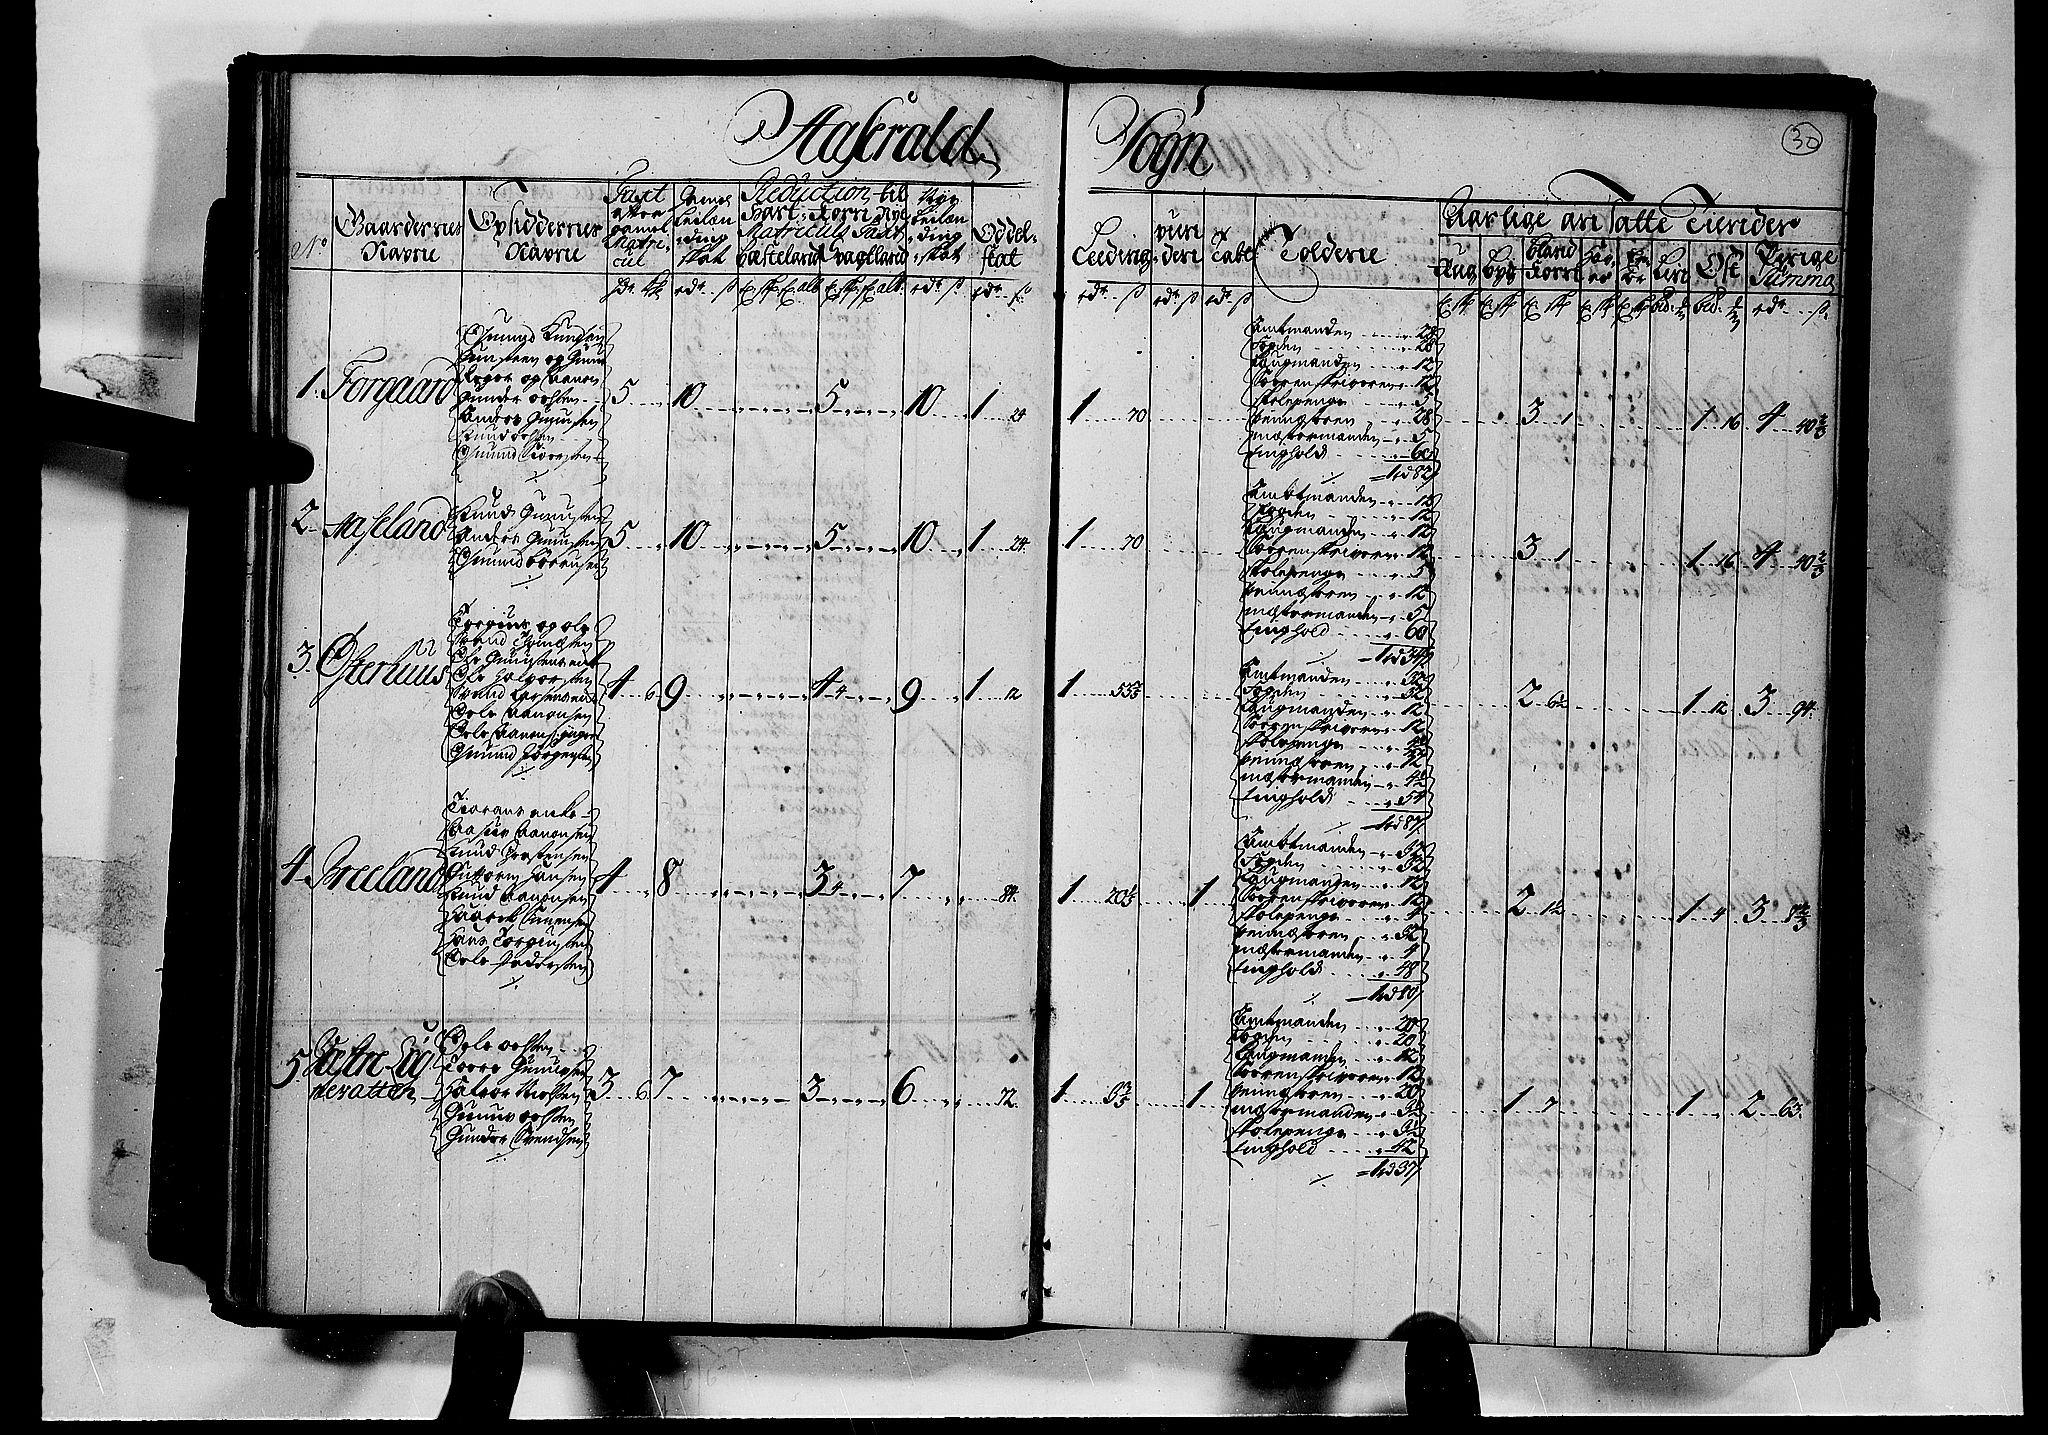 RA, Rentekammeret inntil 1814, Realistisk ordnet avdeling, N/Nb/Nbf/L0126: Råbyggelag matrikkelprotokoll, 1723, s. 29b-30a